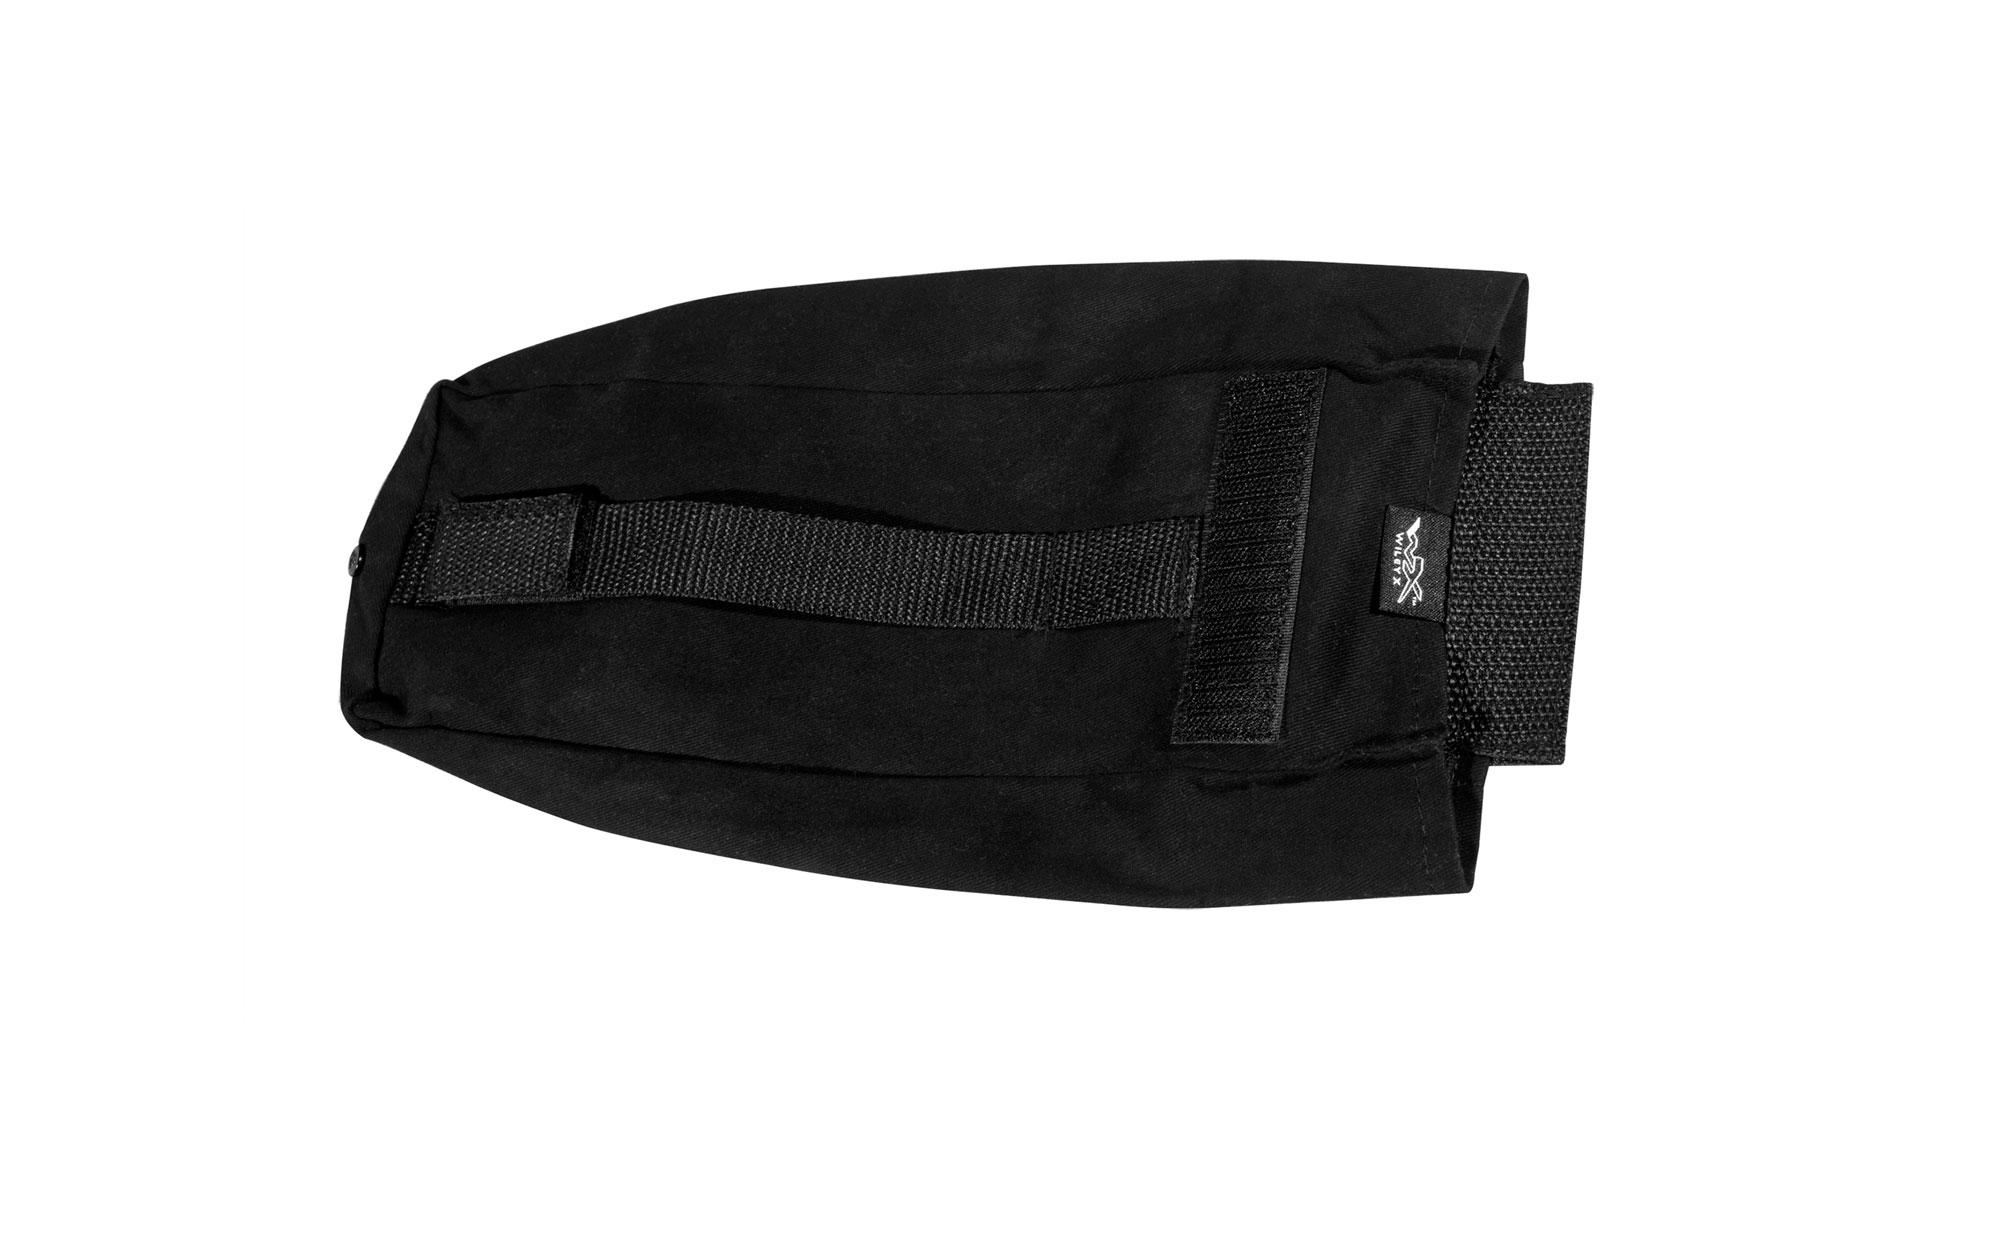 Goggle Bag Image